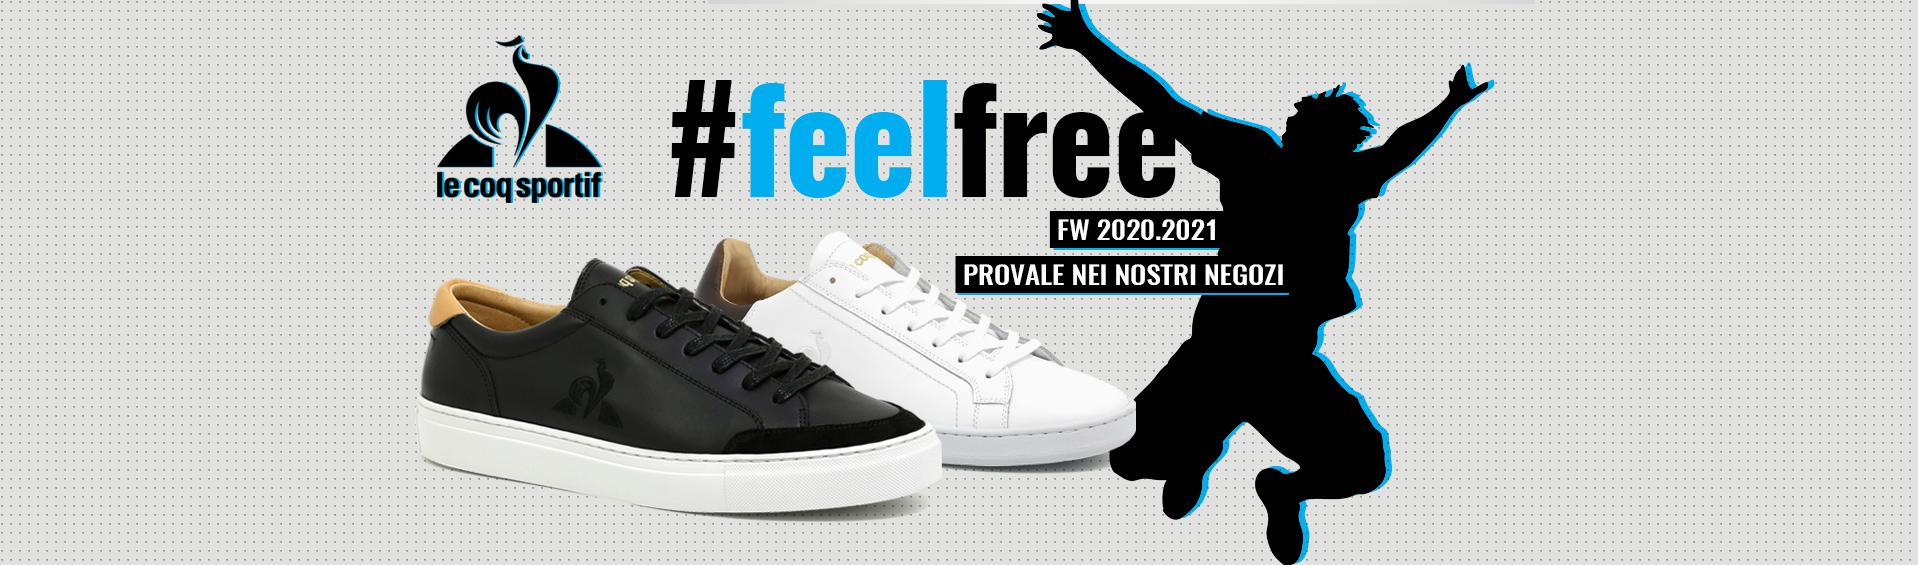 le-coq-sportif-sneaker-scarpelli-calzature